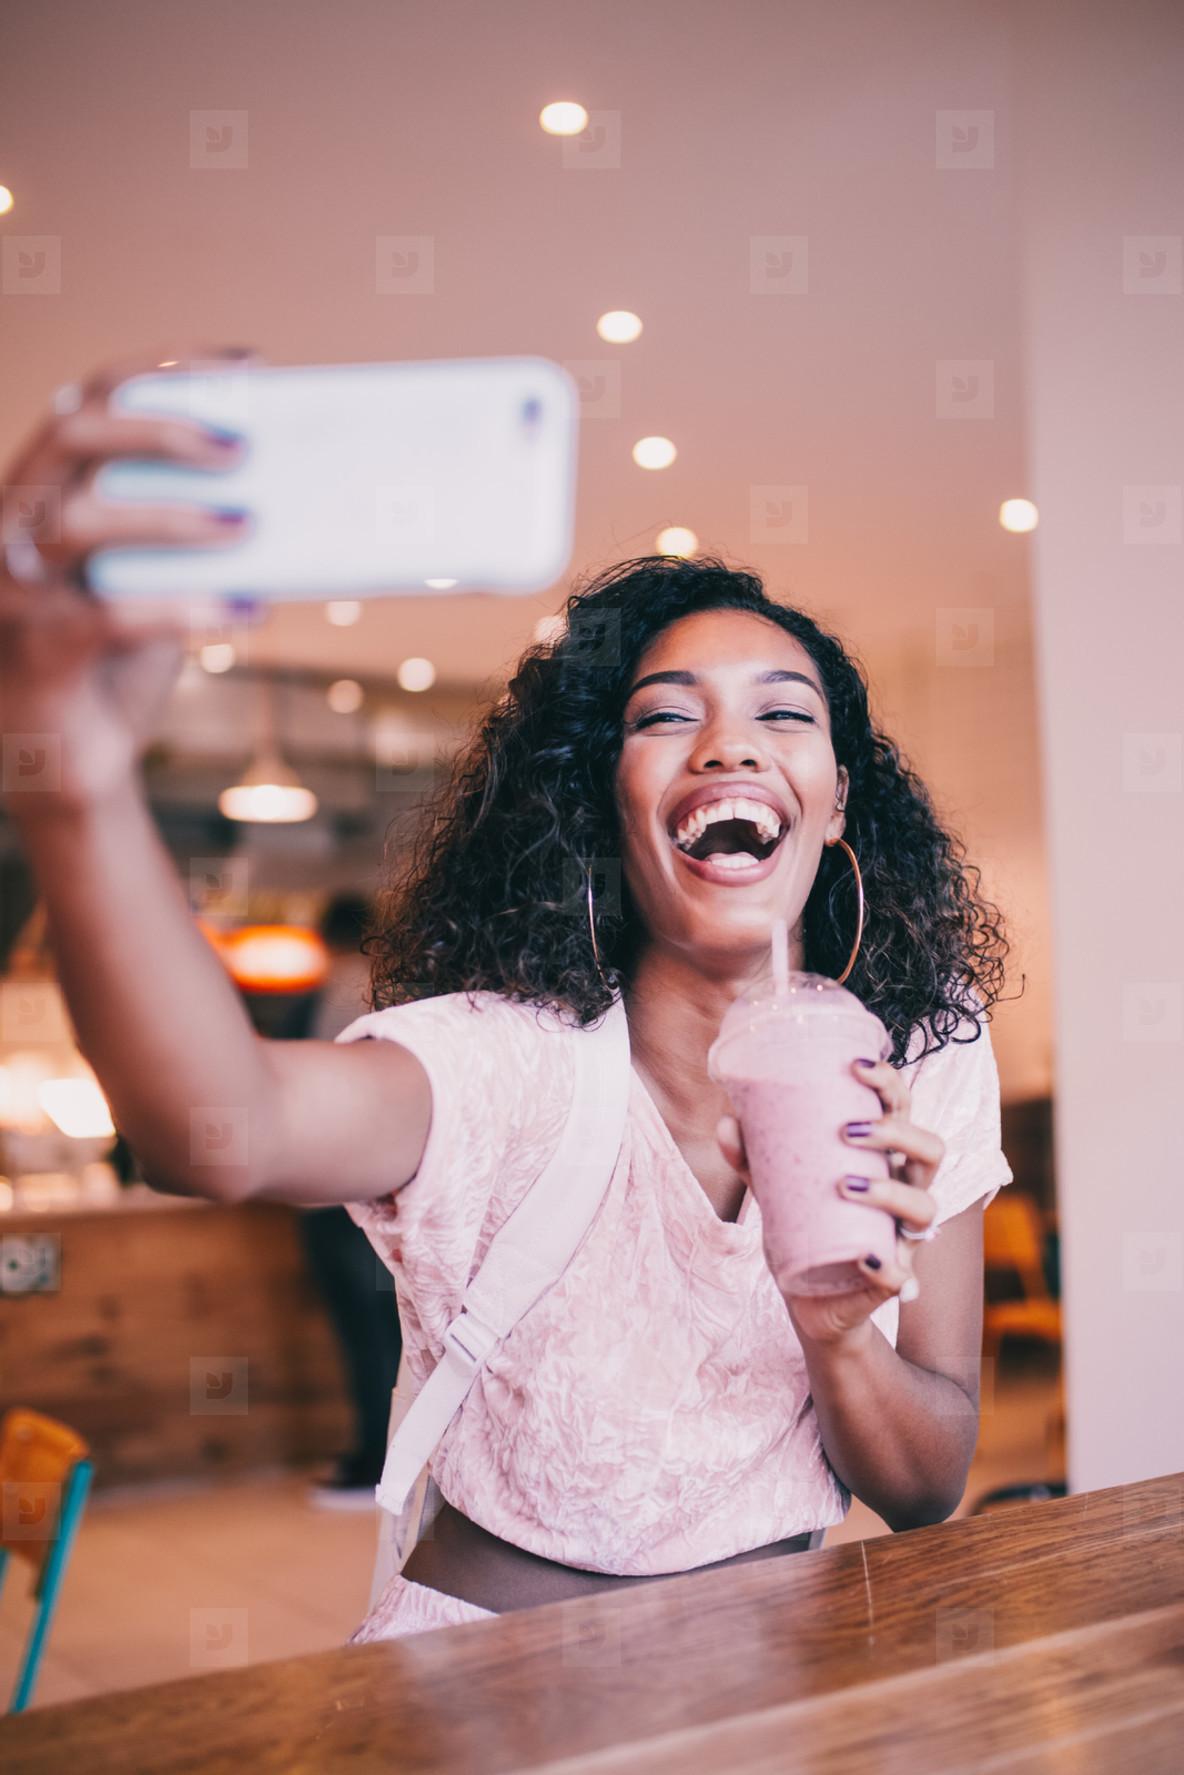 woman taking selfie in cafe